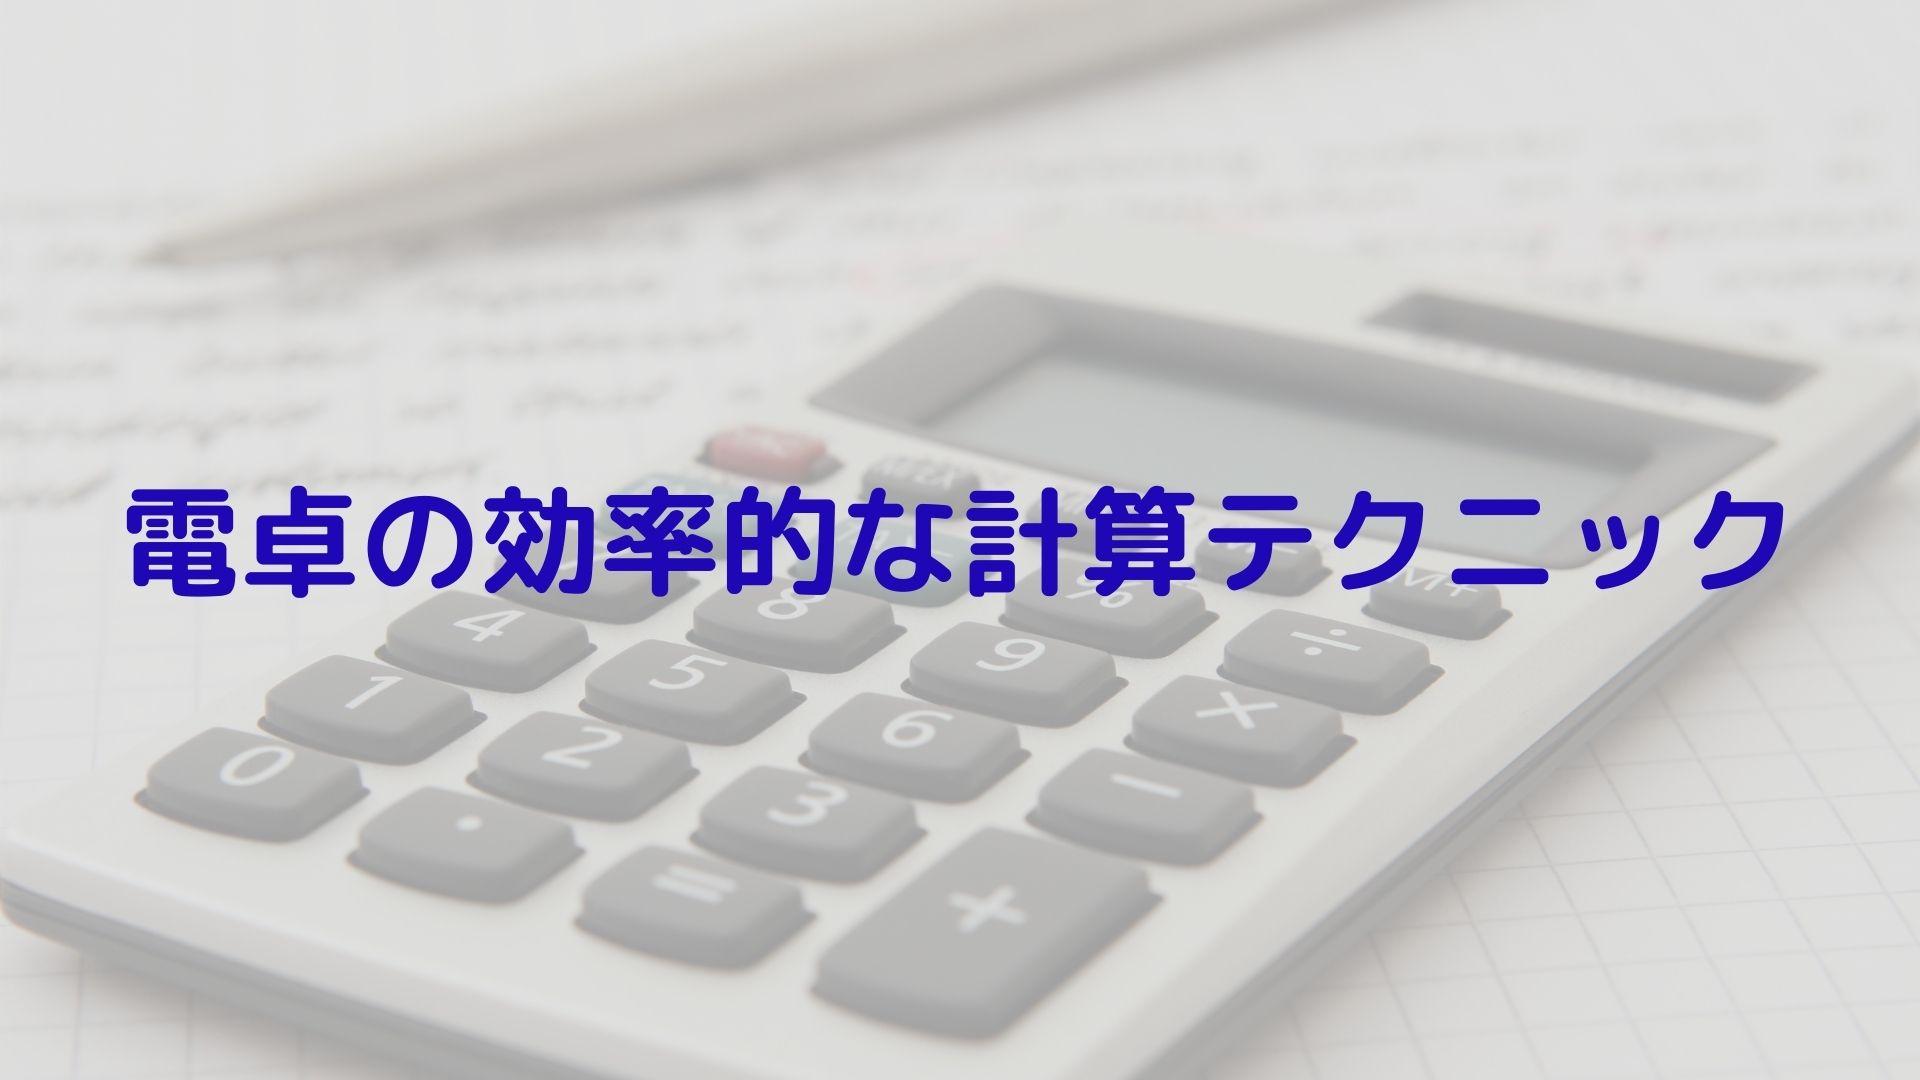 電卓の効率的な計算テクニック